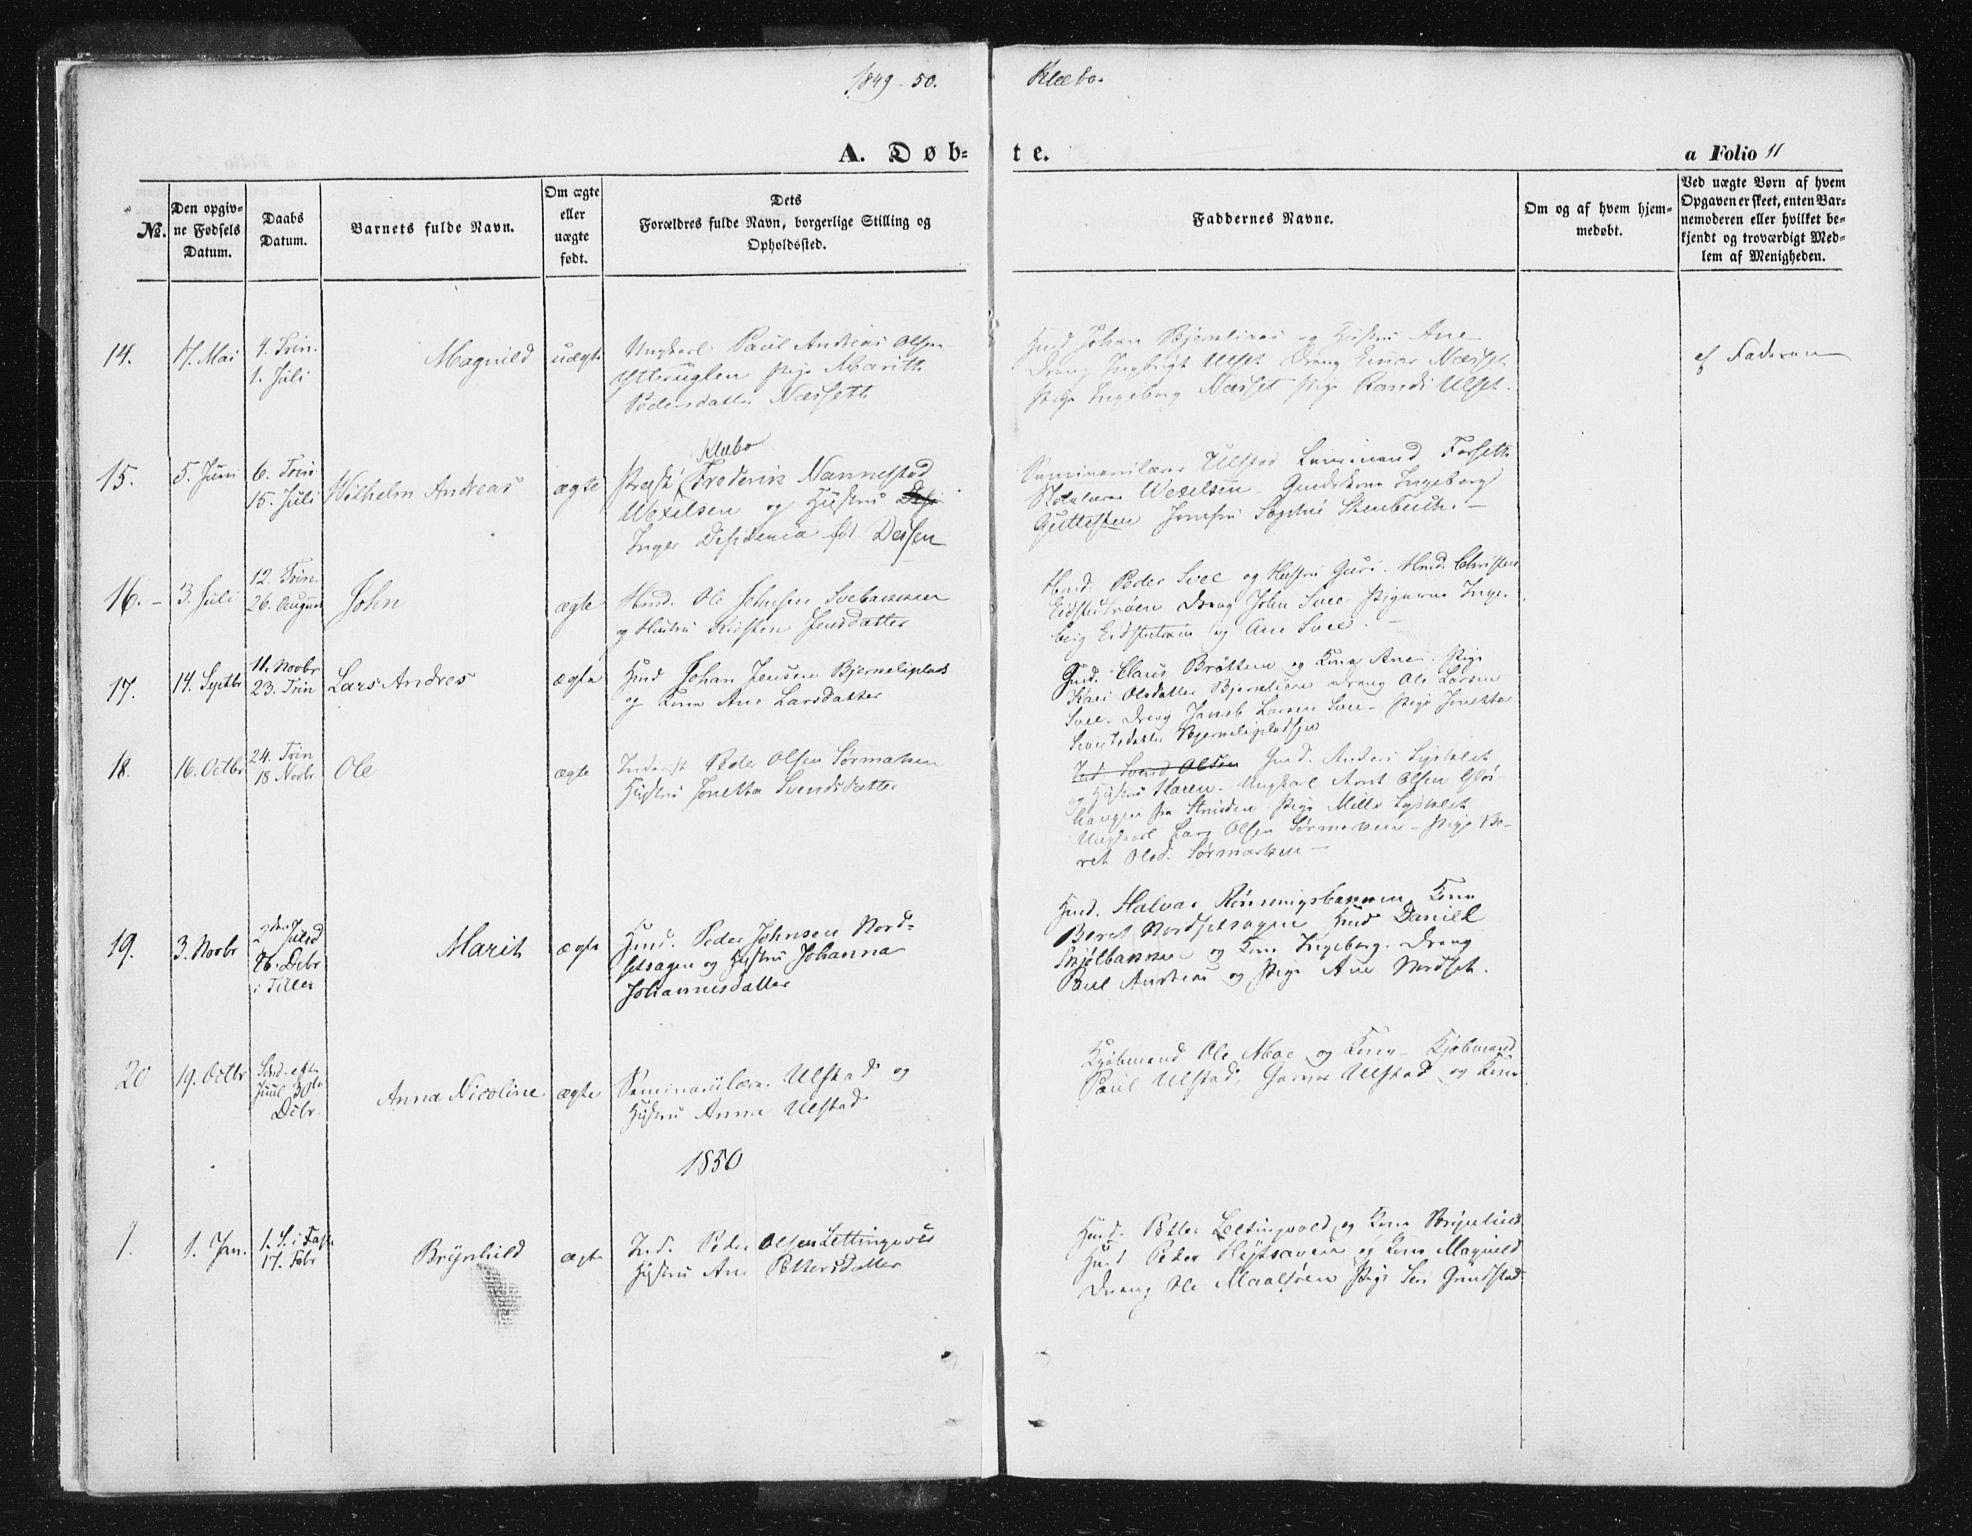 SAT, Ministerialprotokoller, klokkerbøker og fødselsregistre - Sør-Trøndelag, 618/L0441: Ministerialbok nr. 618A05, 1843-1862, s. 11